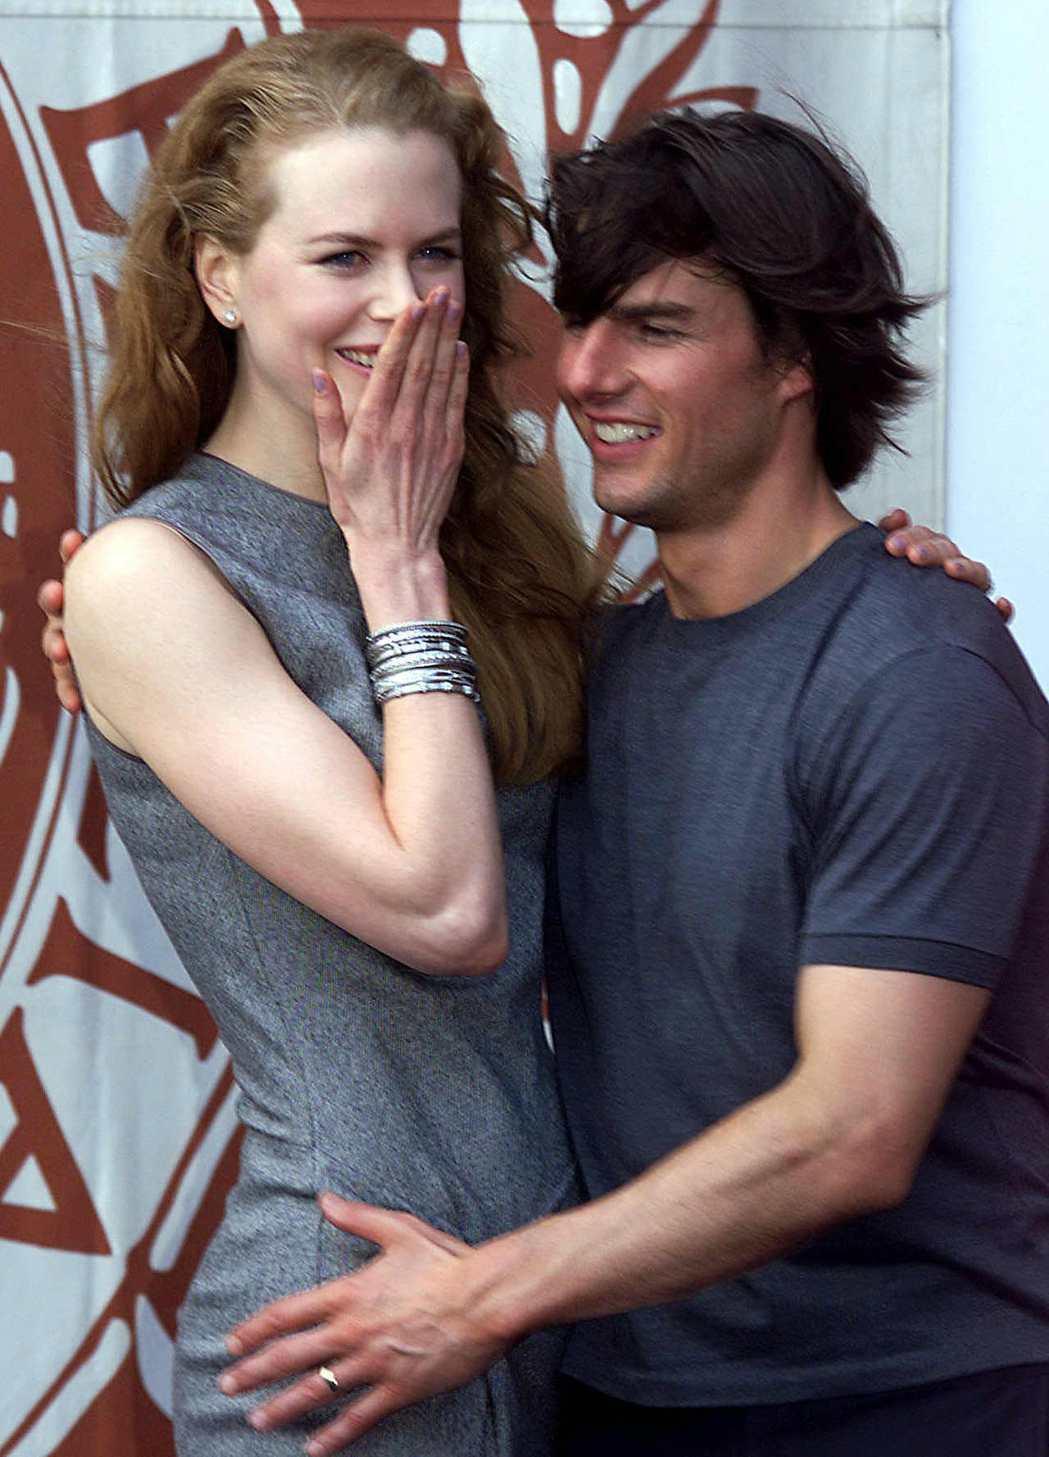 妮可基嫚(左)表示和湯姆克魯斯曾經度過非常甜蜜的婚姻時光。圖/路透資料照片